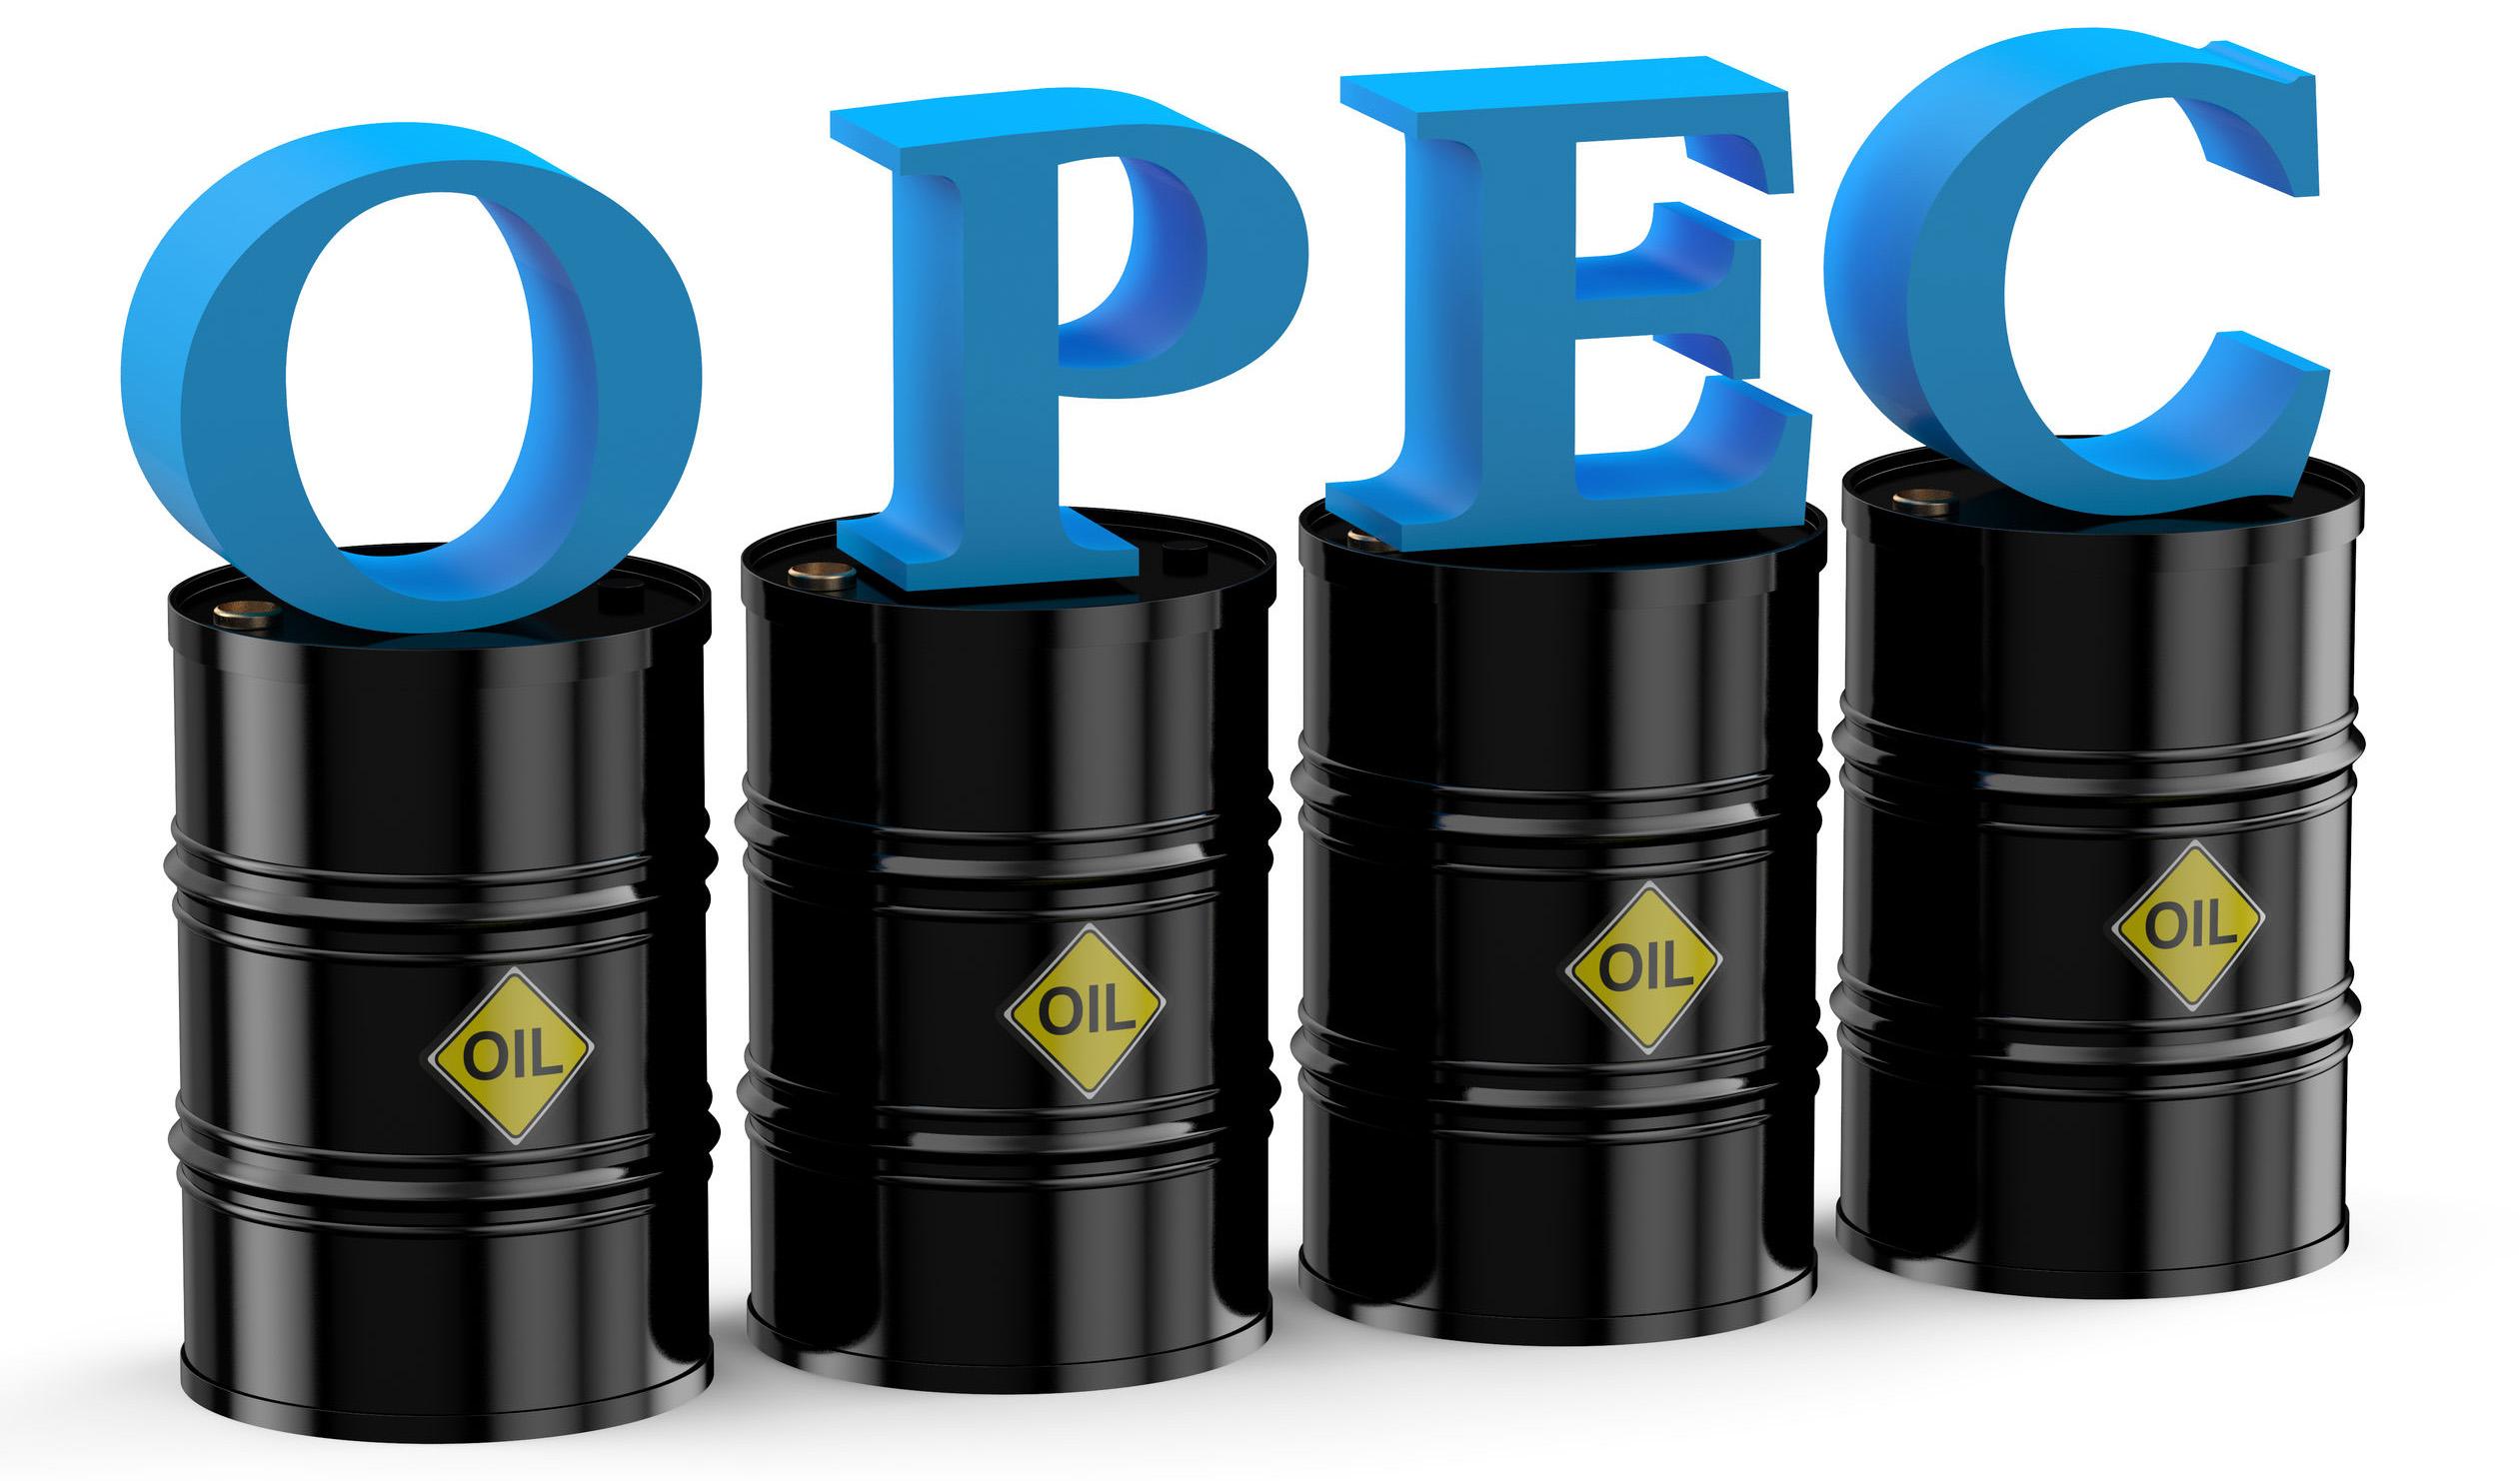 کاهش حدود ۲ دلاری قیمت سبد نفتی اوپک در یک هفته